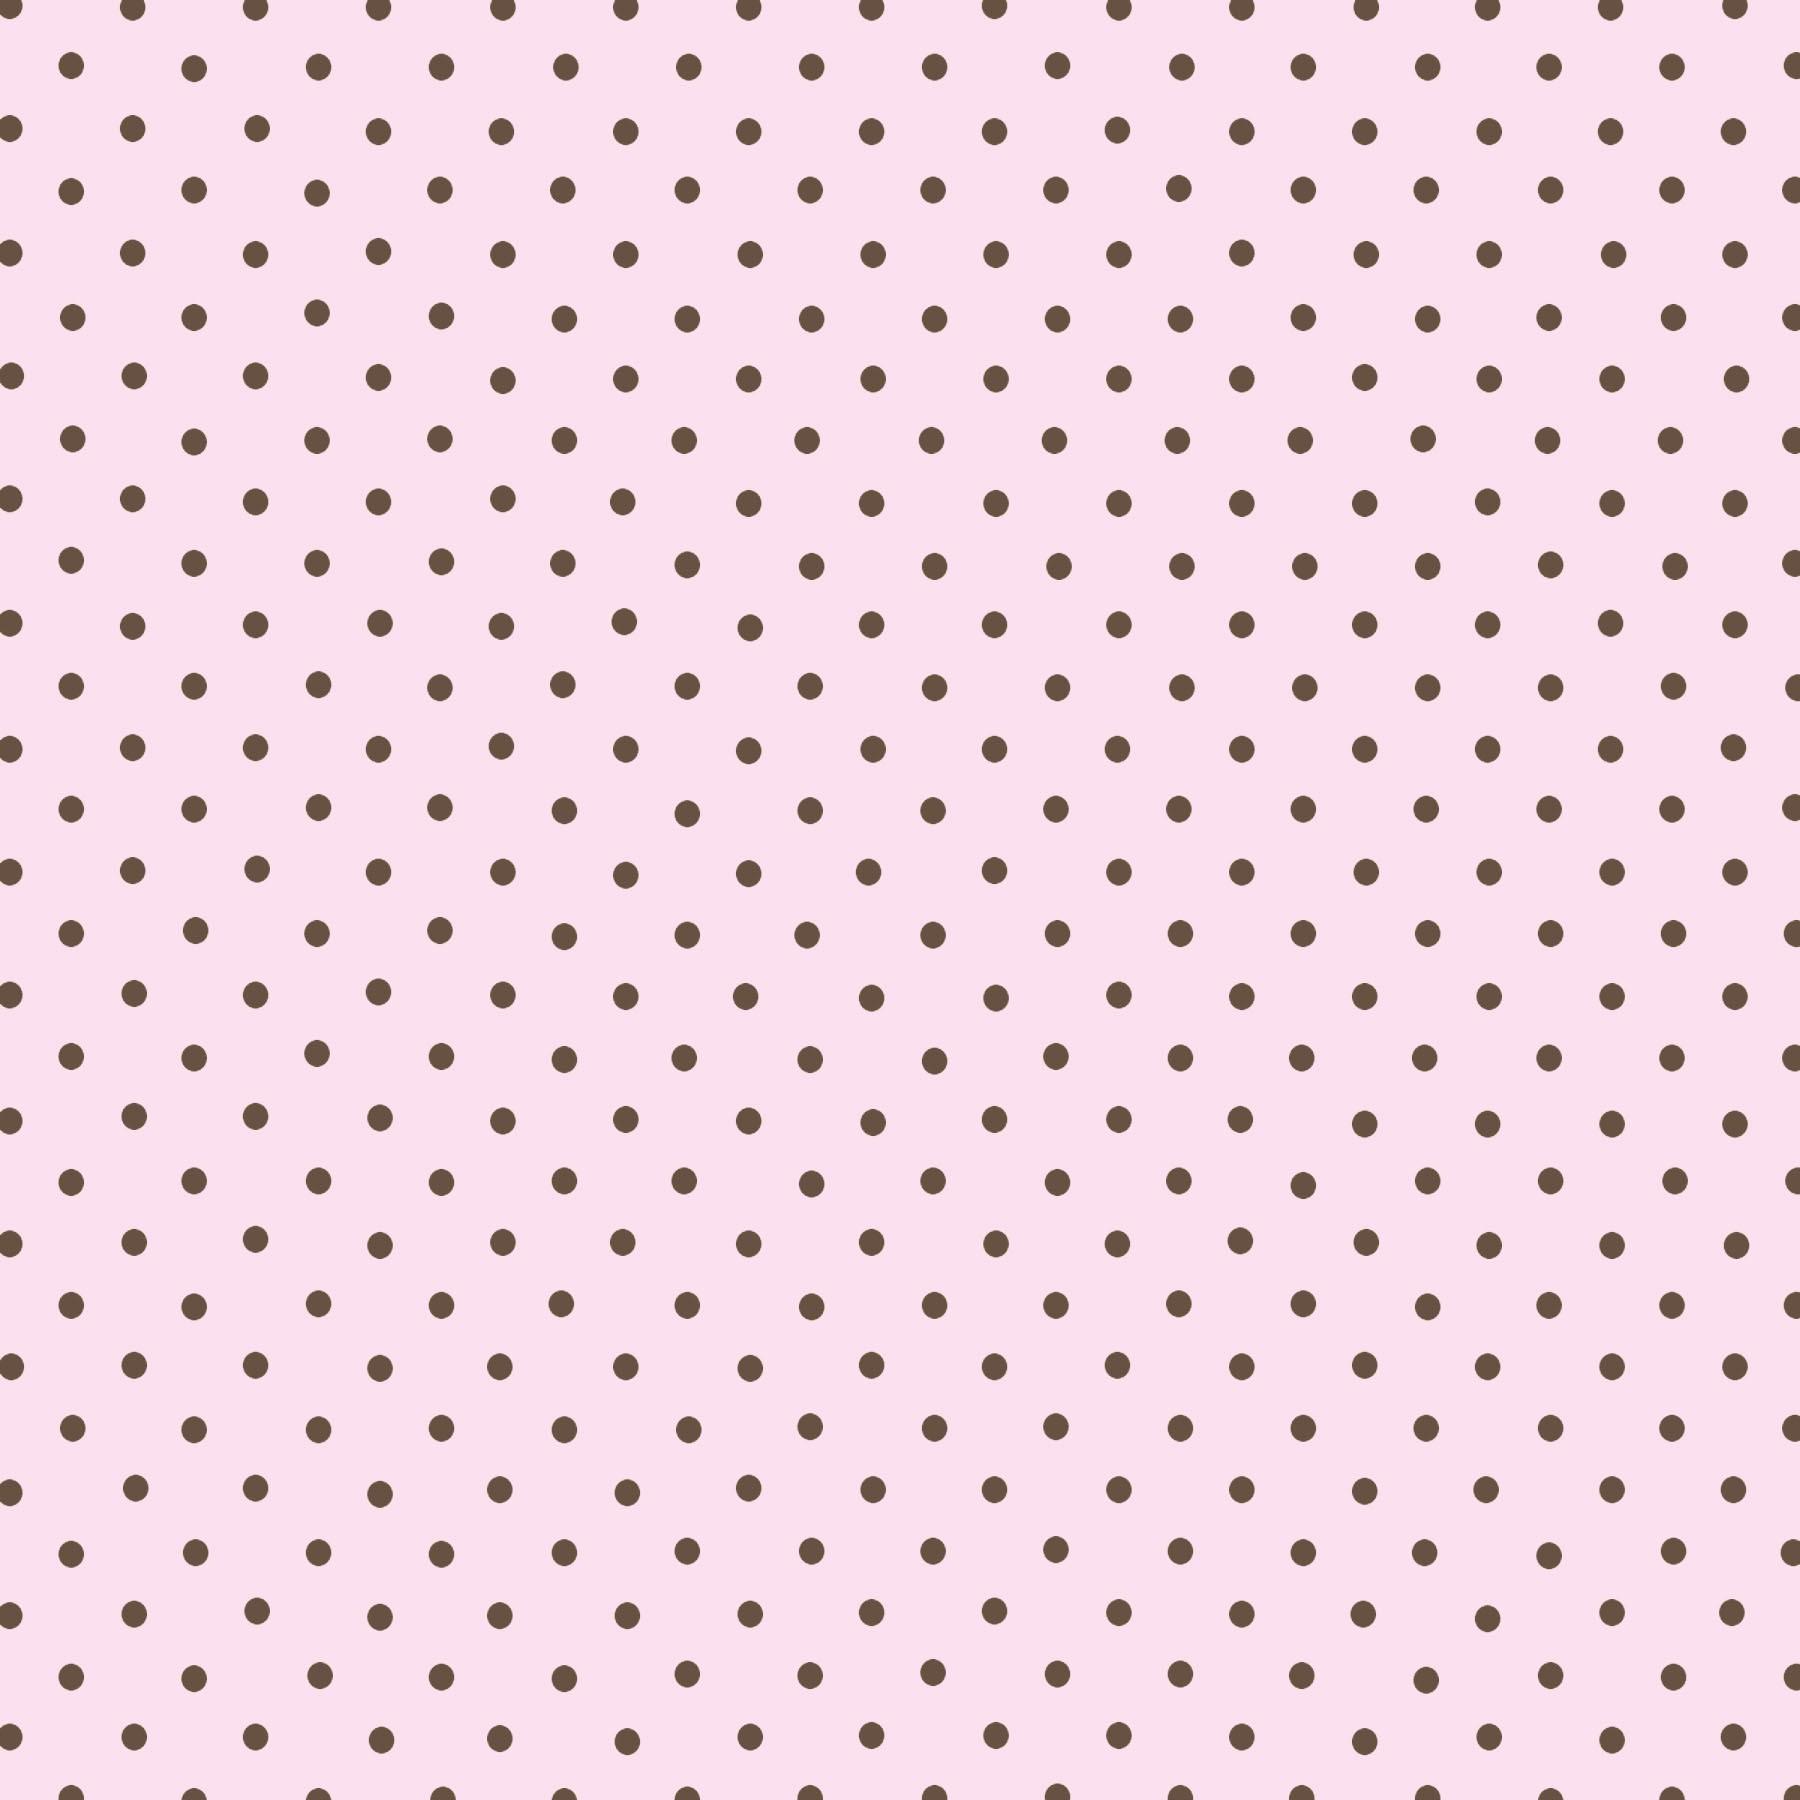 Tecido Tricoline estampado Poá marrom fundo rosa